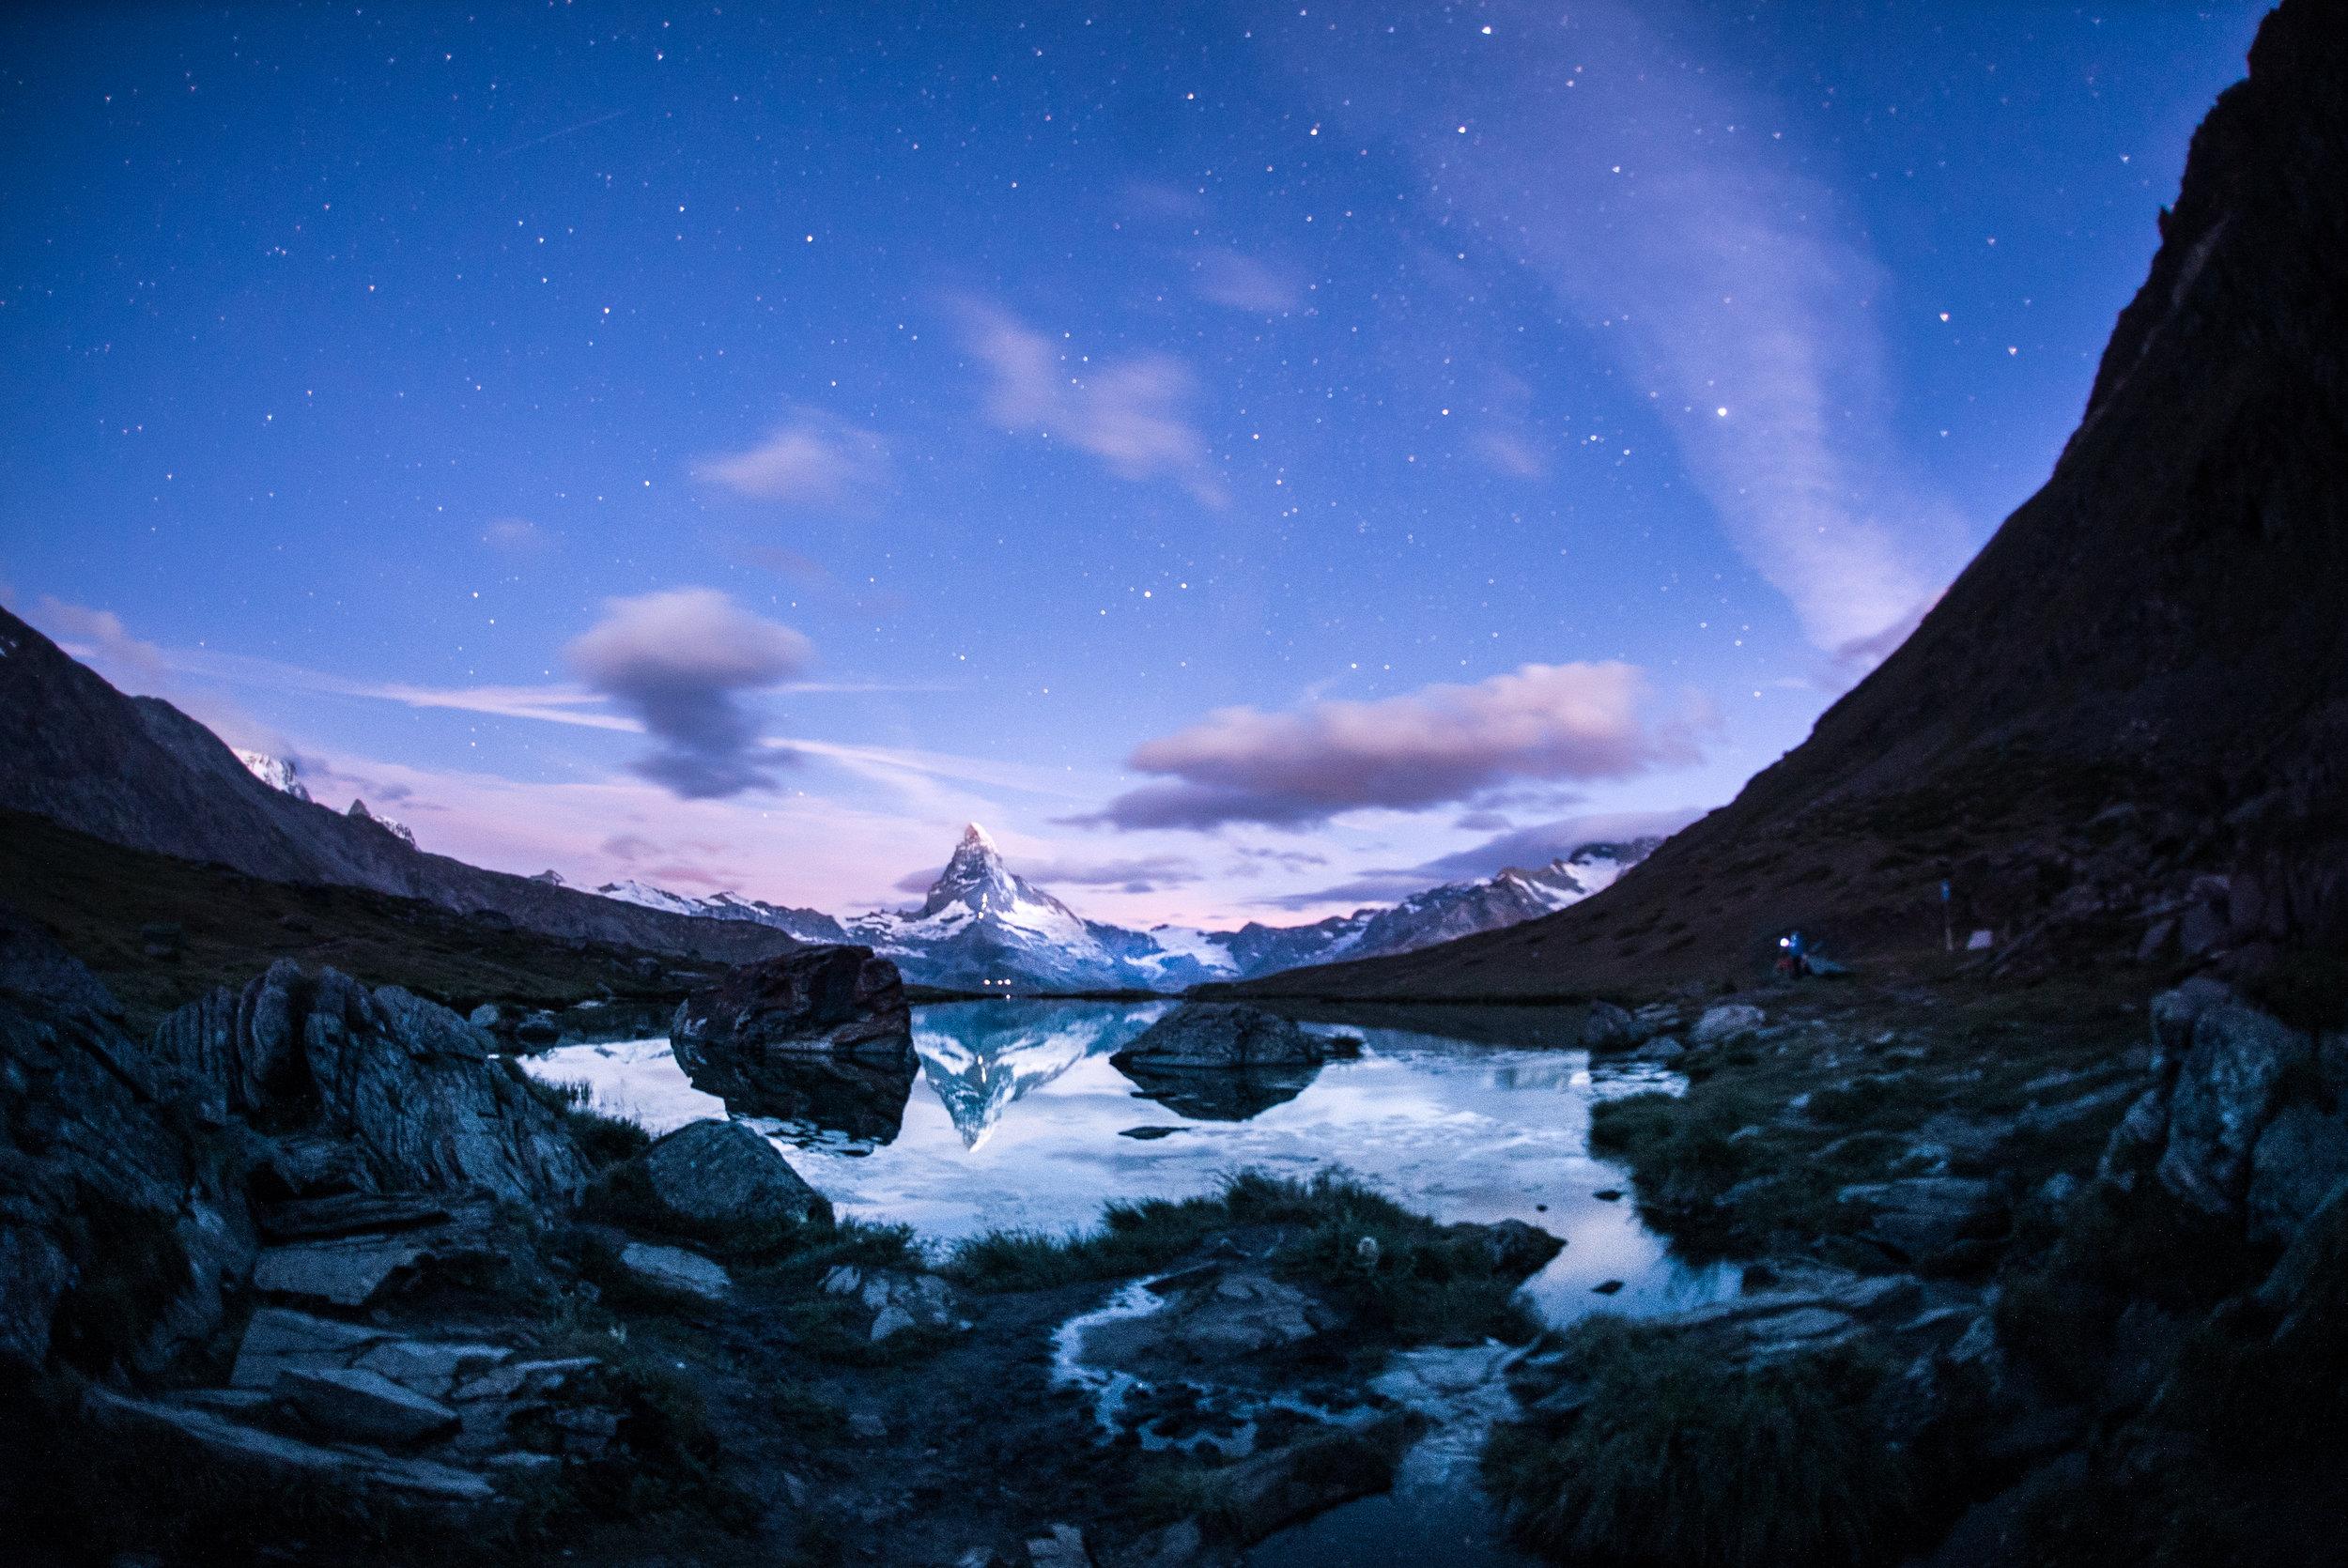 Stellisee (Zermatt) – 5 AM